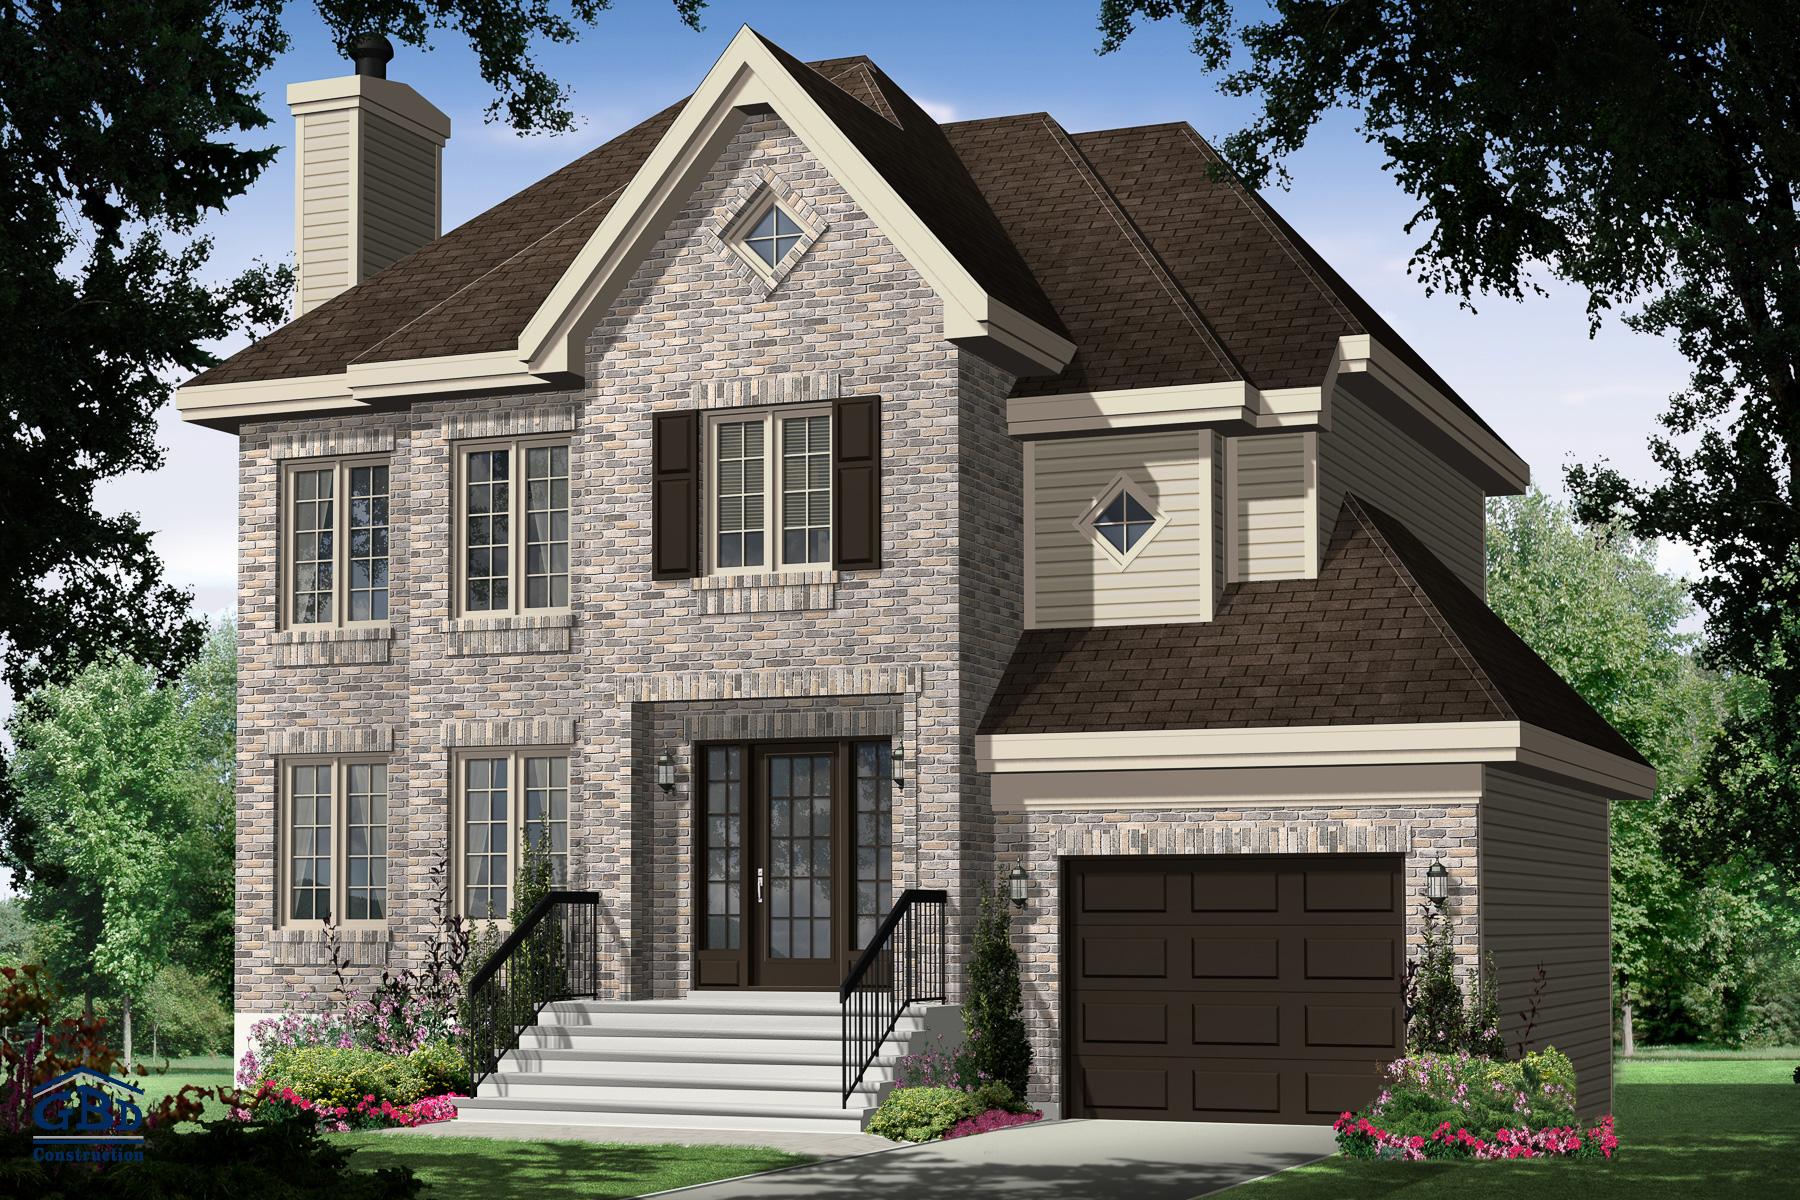 Étonnante III - Maison neuve à deux étages de type cottage   GBD ... ae375911b965